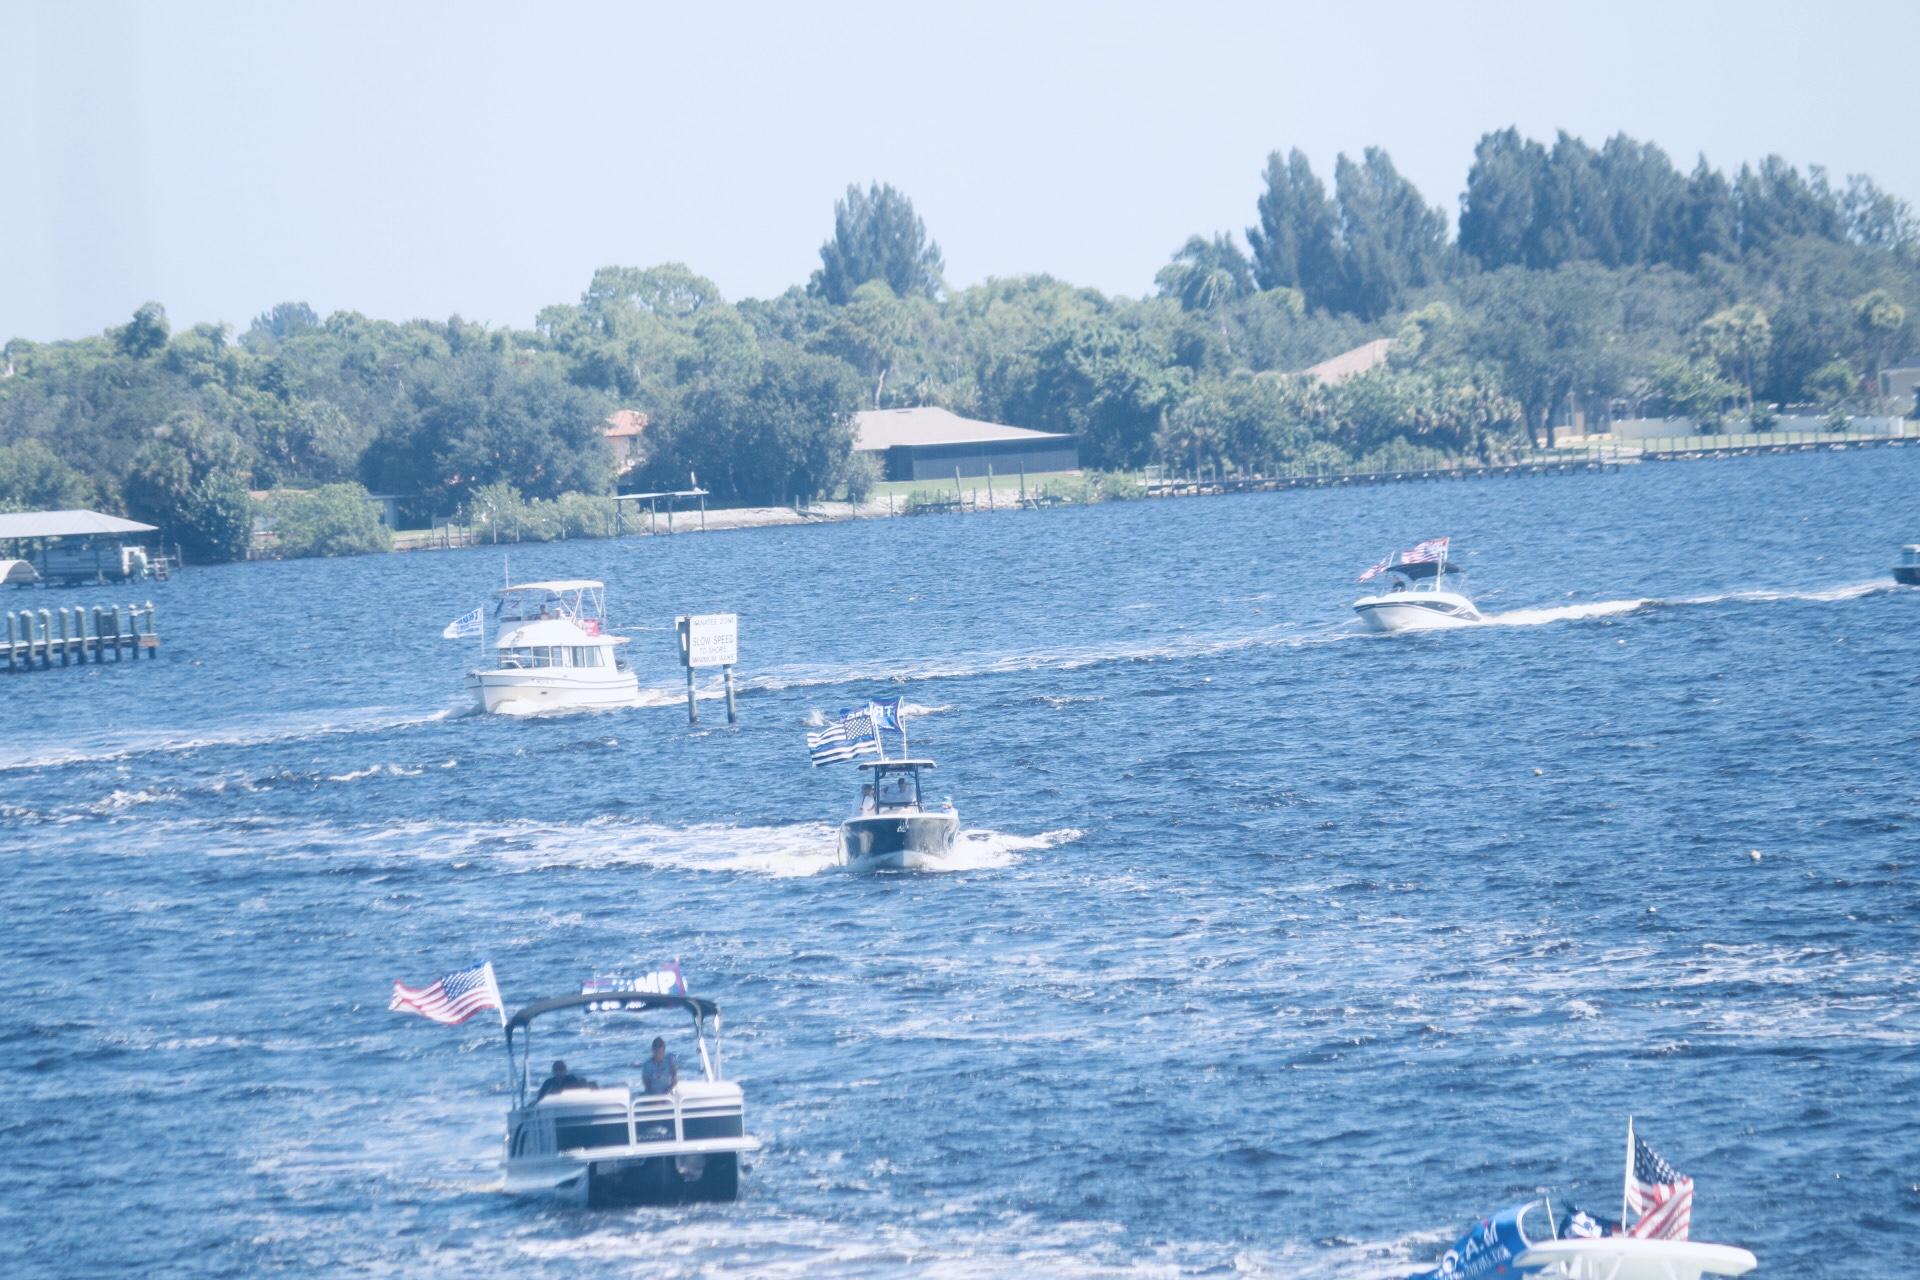 Punta Gorda Christmas Boat Parade 2020 Punta Gorda Florida Daily Photo: Trump Boat Parade on the Peace River